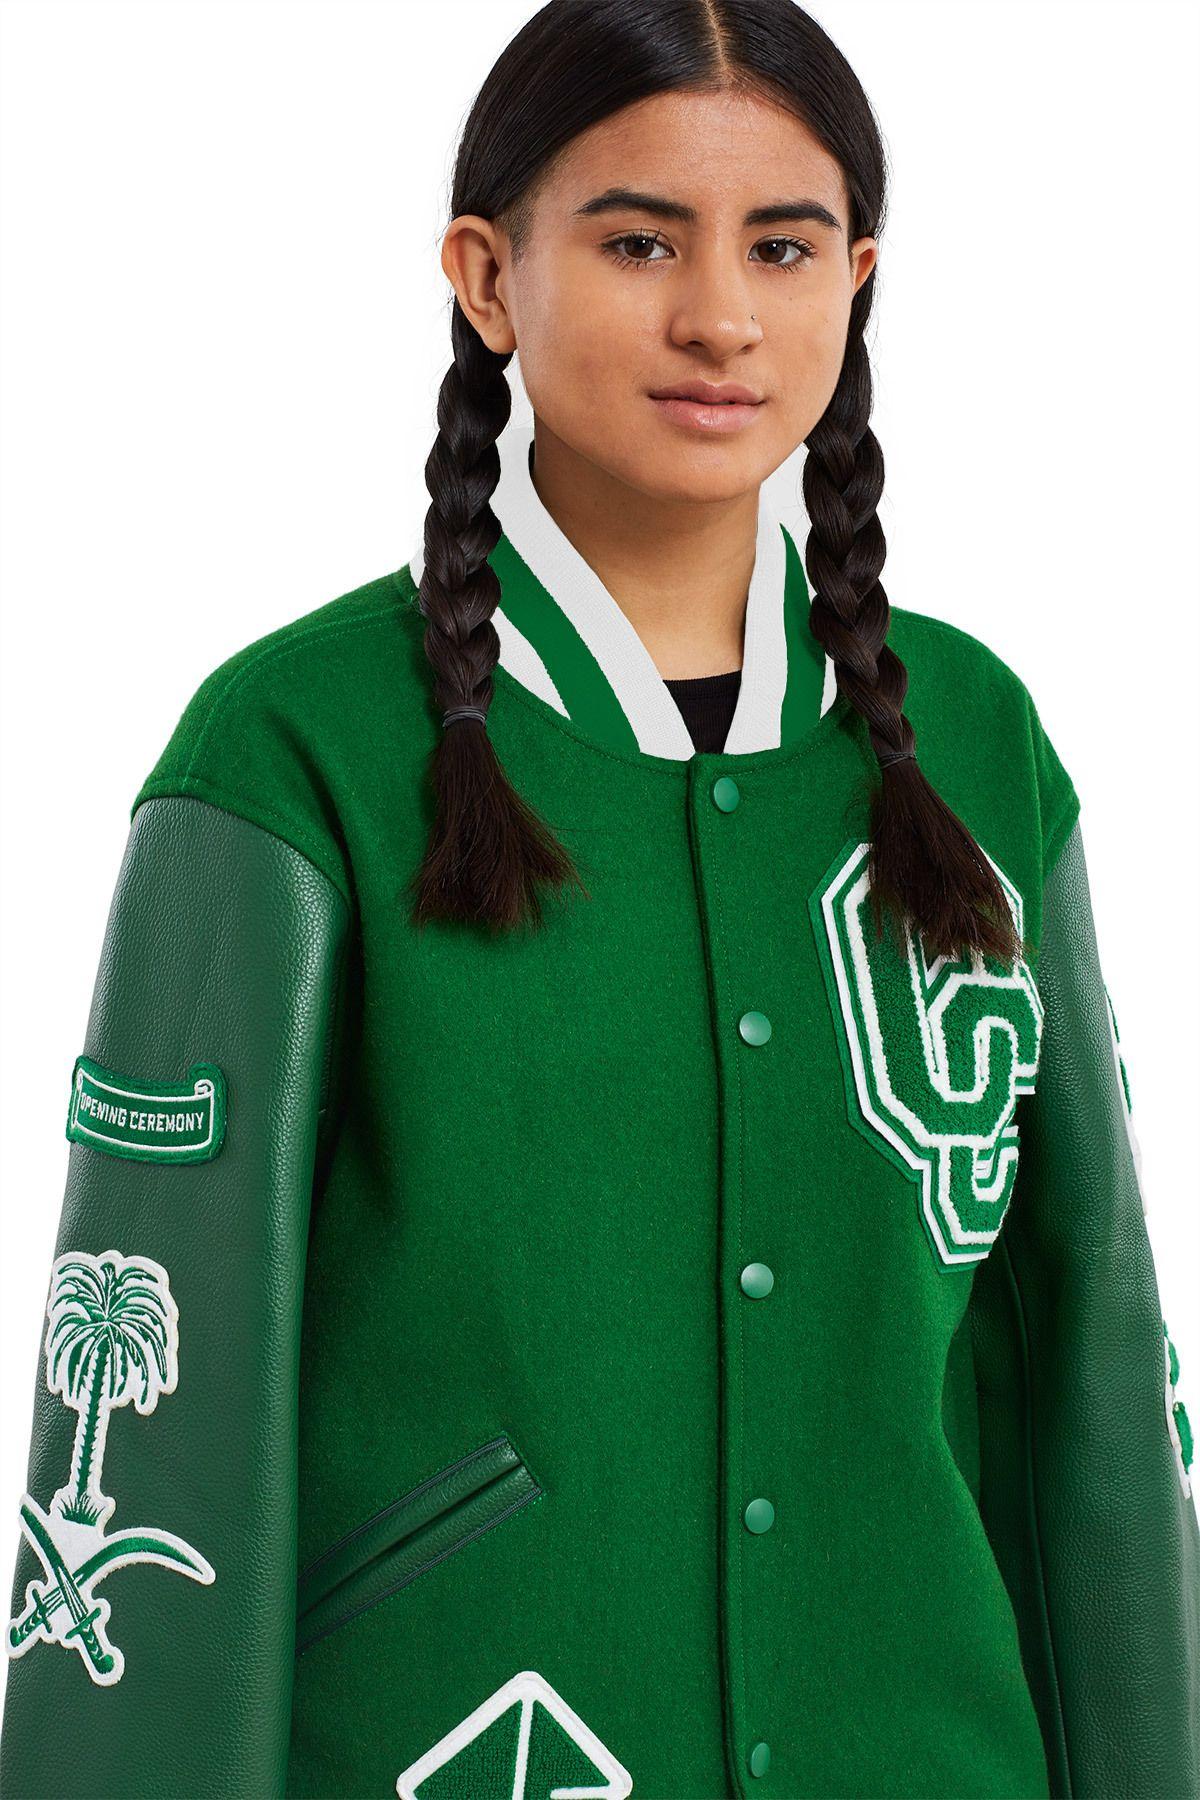 Opening Ceremony, Saudi Arabia Varsity Jacket In Saudi